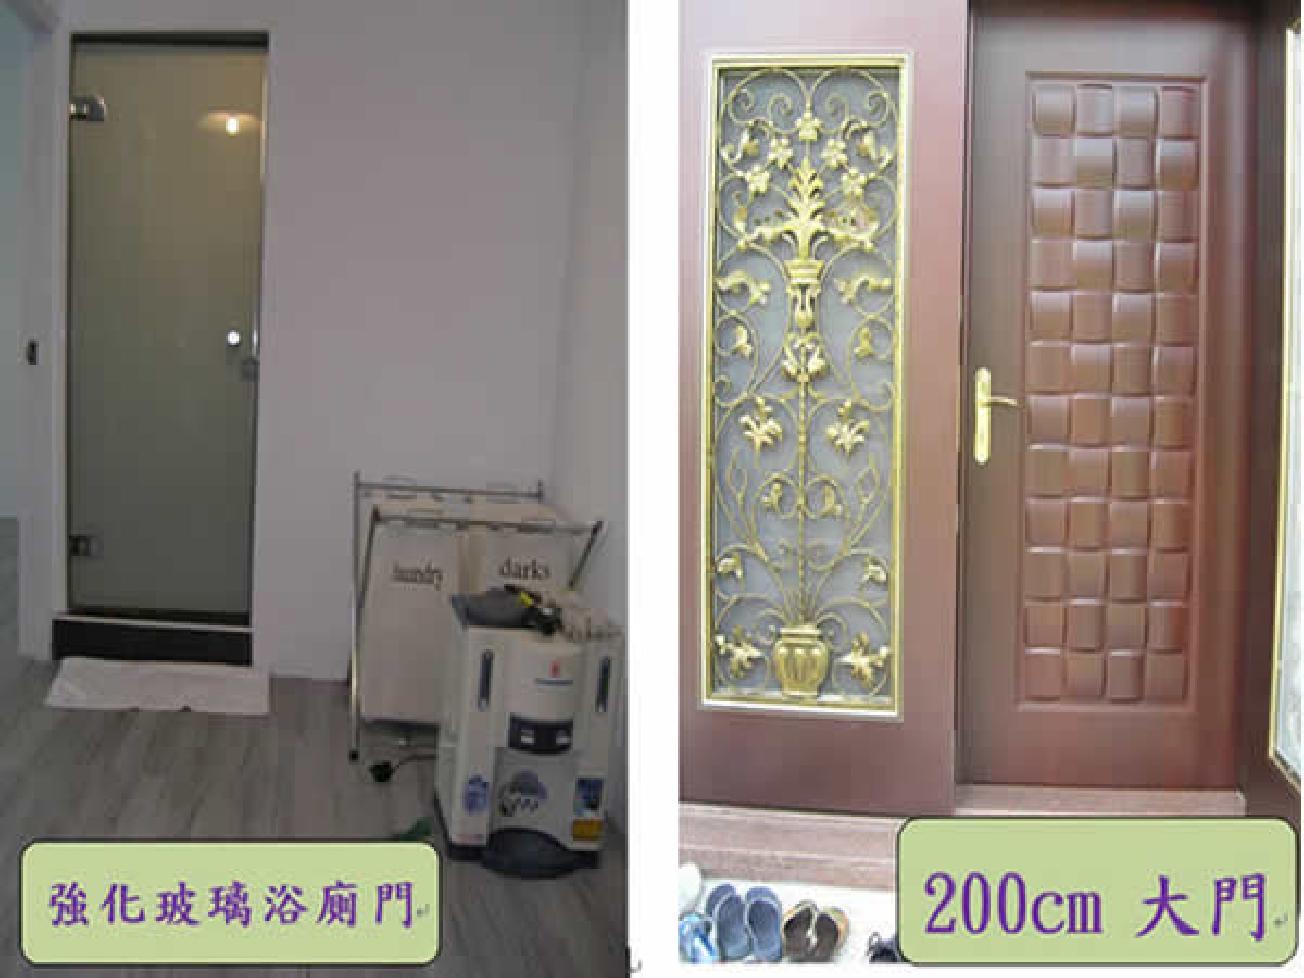 強化玻璃門(浴廁門)和200cm大門